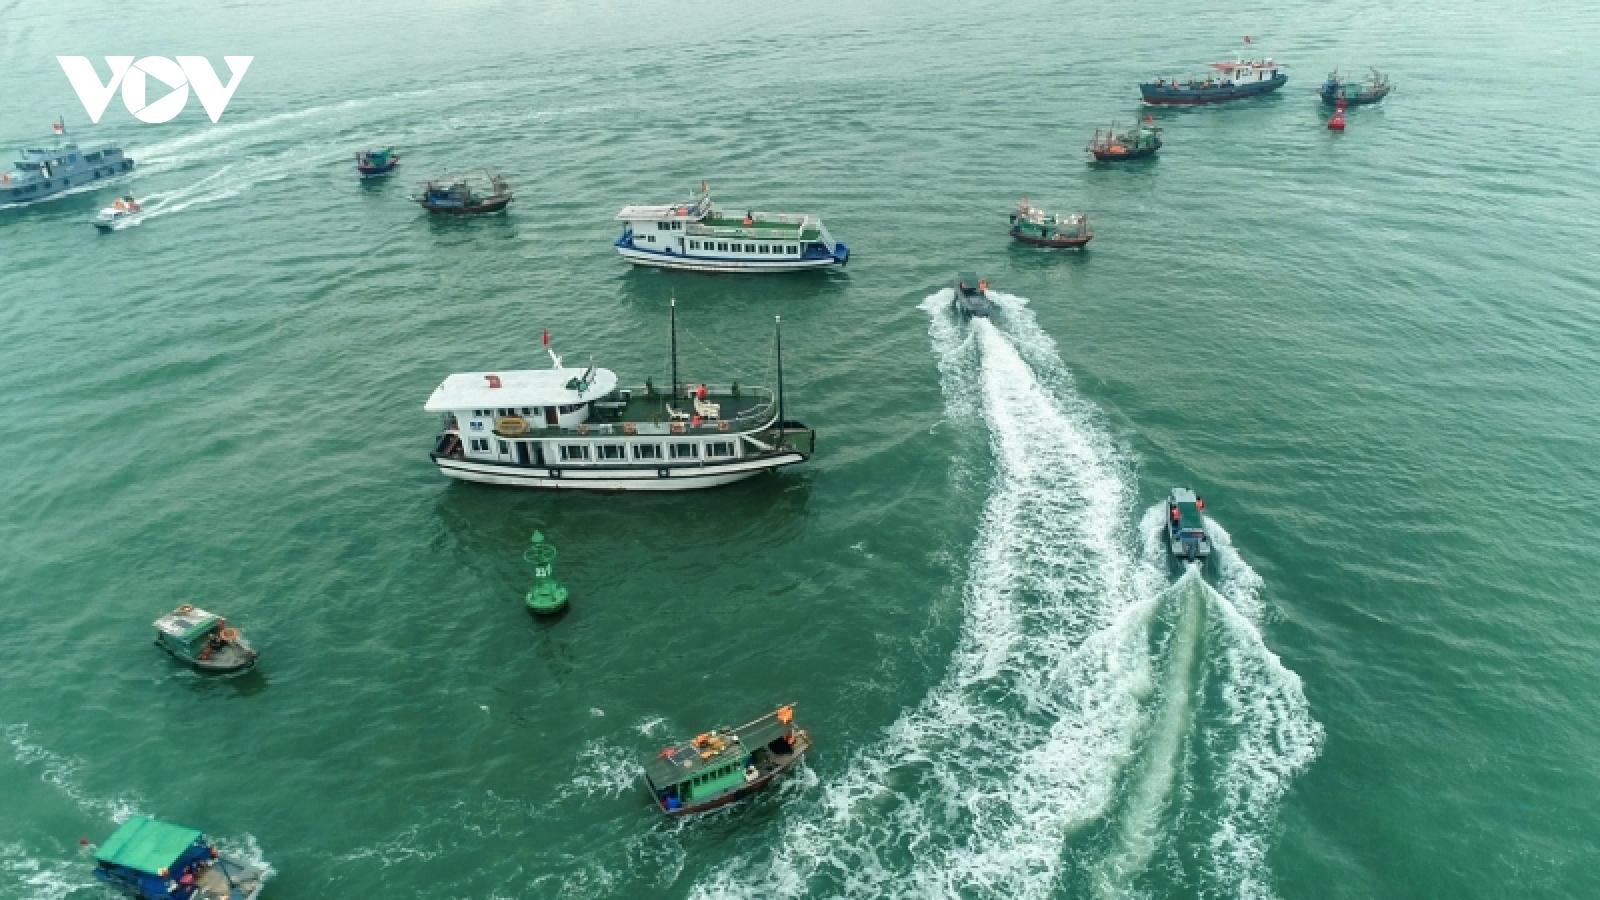 Ảnh: Diễn tập chống siêu bão, tràn dầu trên vịnh Hạ Long